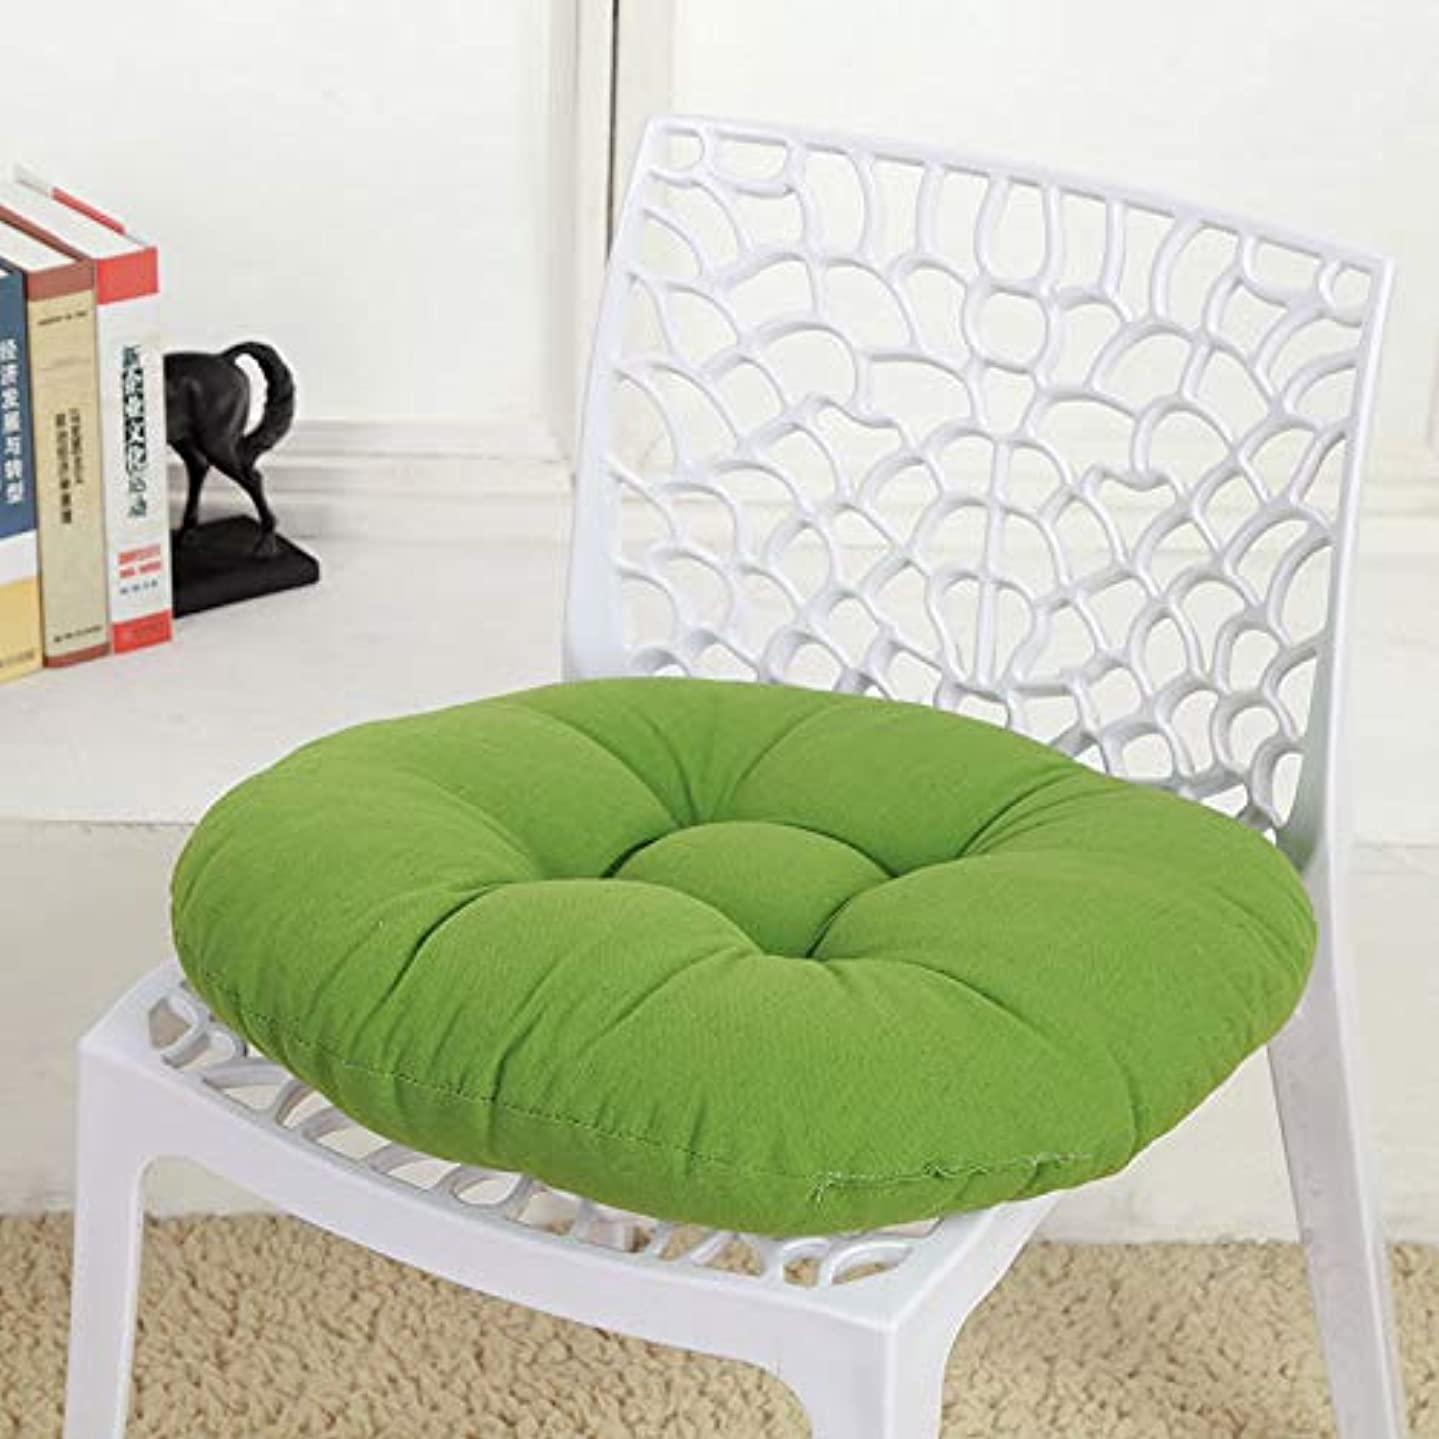 十代の若者たち値下げ可決SMART キャンディカラーのクッションラウンドシートクッション波ウィンドウシートクッションクッション家の装飾パッドラウンド枕シート枕椅子座る枕 クッション 椅子